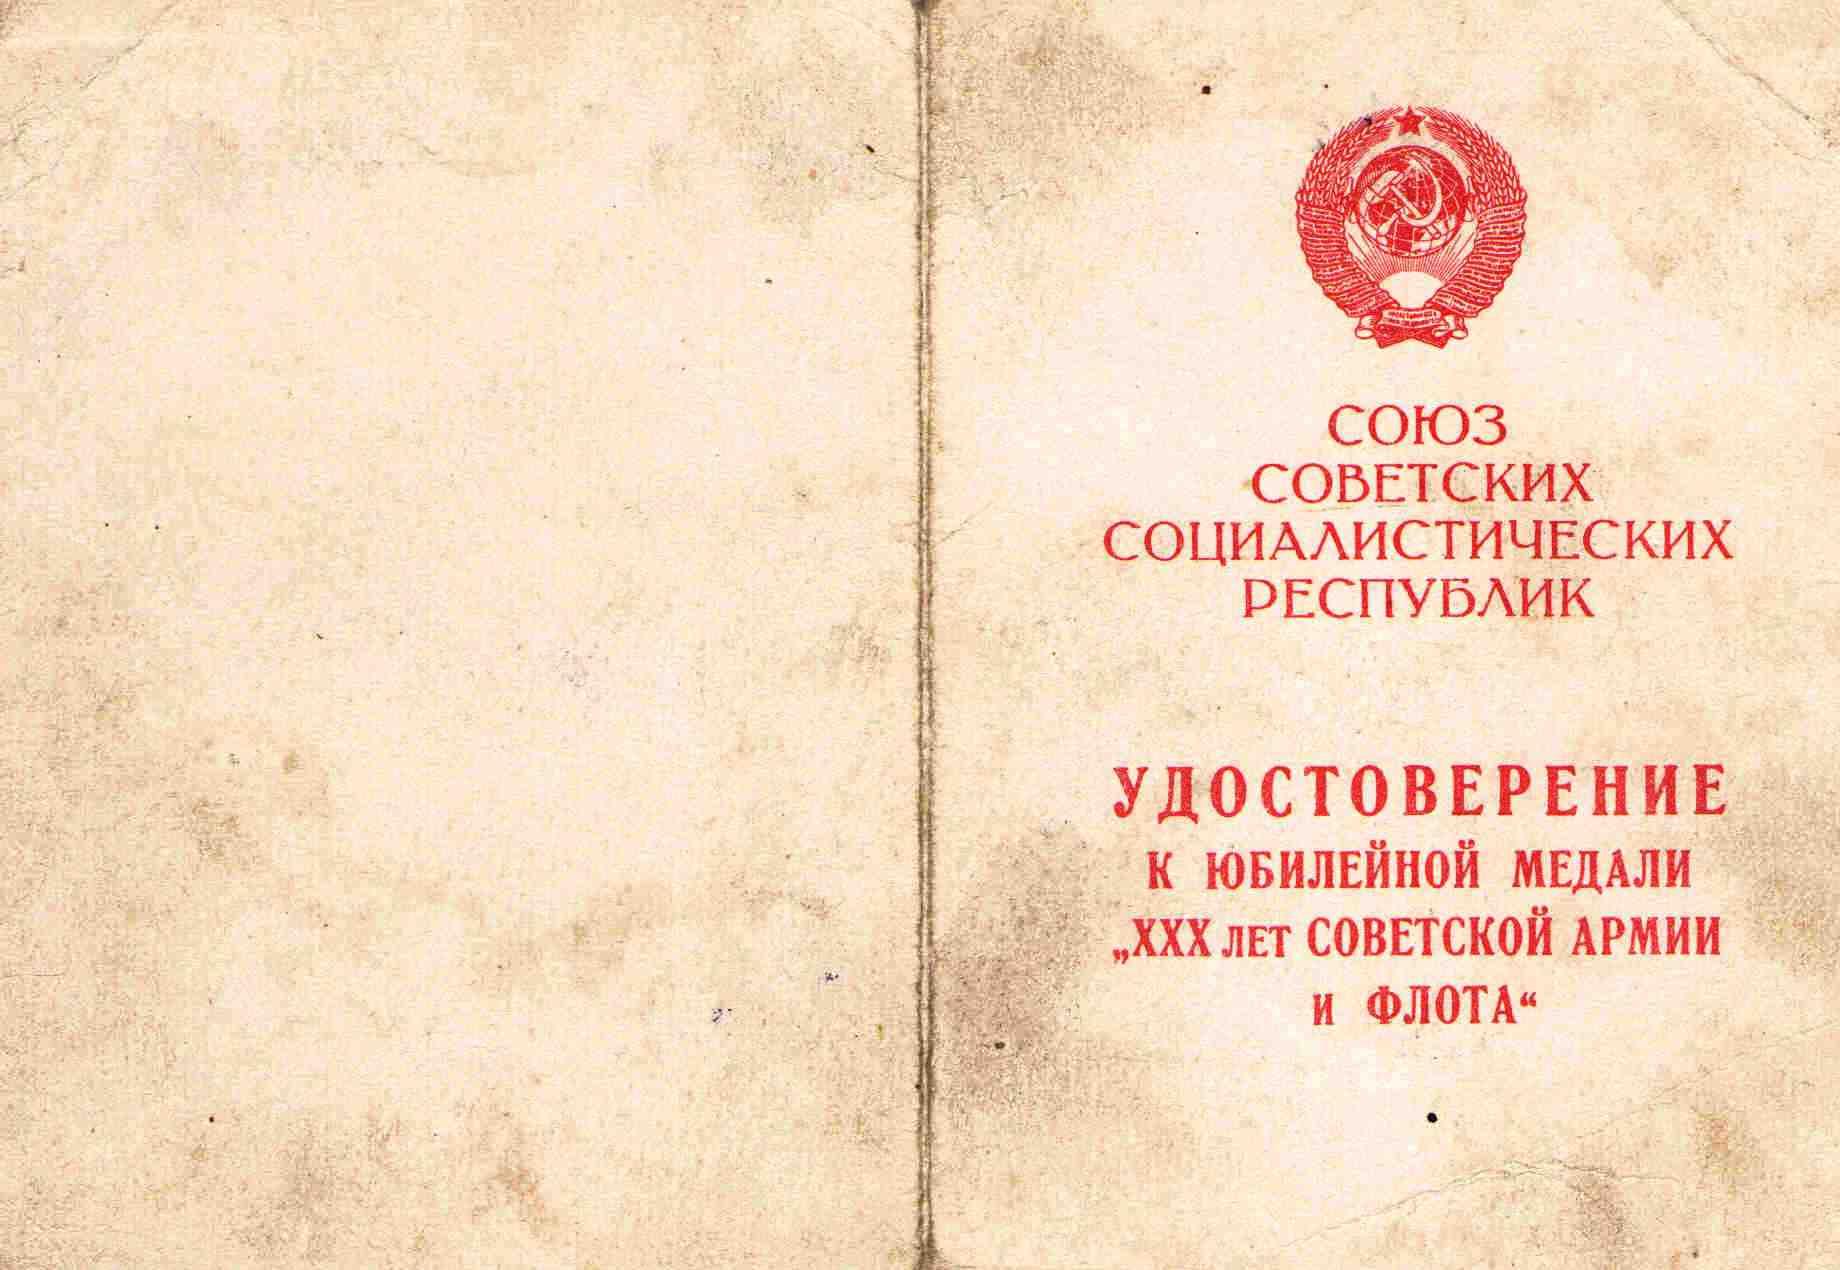 47. Удостоверние к медали 30 лет Советской Армии, Барыкин ПП, 1949